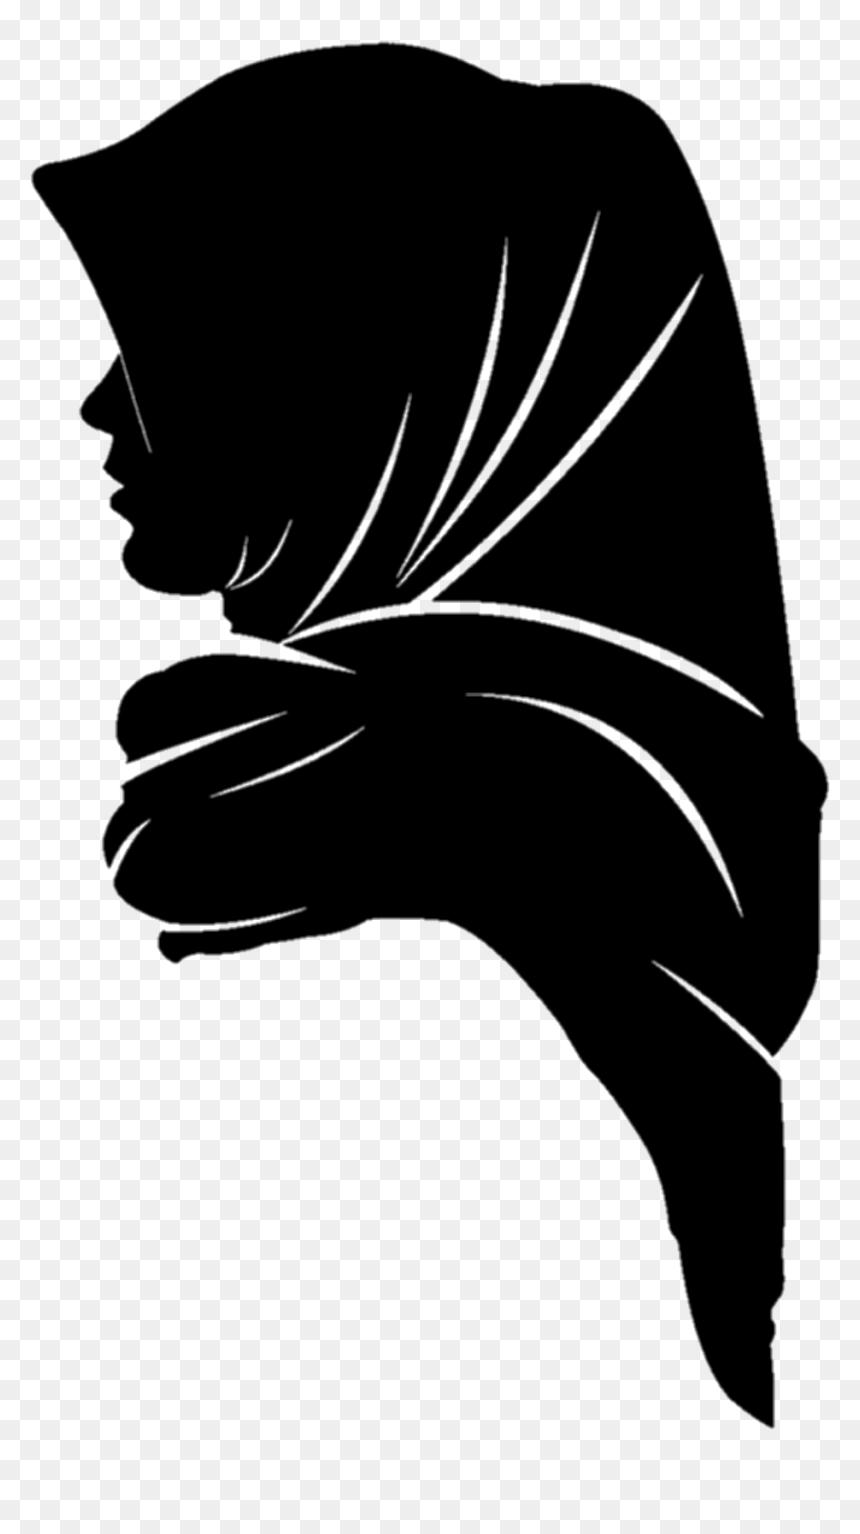 Wanita Berhijab Png : wanita, berhijab, Muslim, Gambar, Siluet, Wanita, Berhijab,, Transparent, 1024x1229, DLF.PT